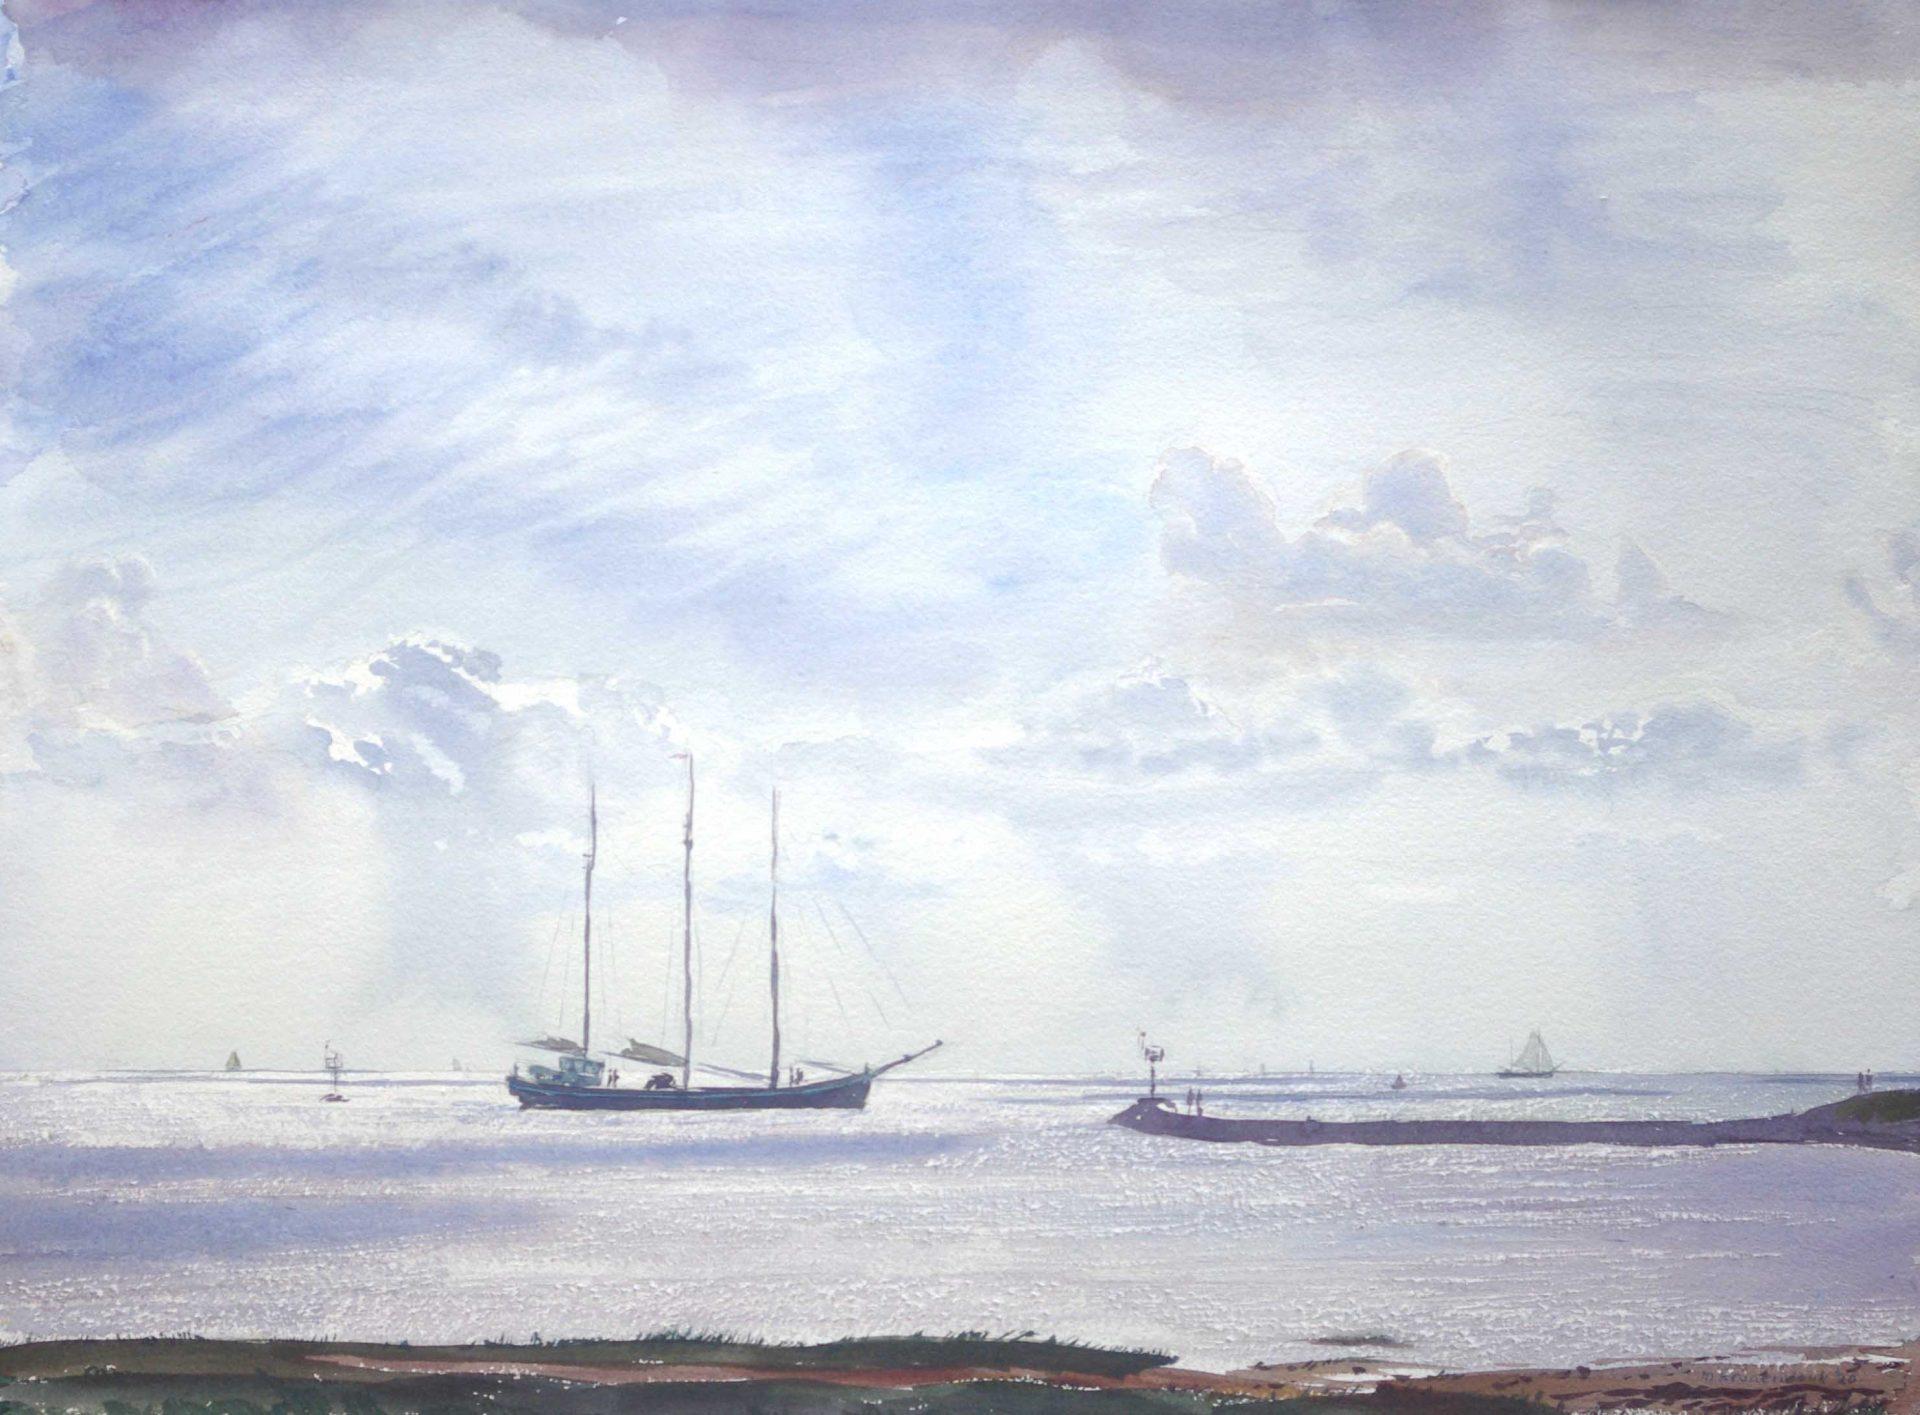 Bruine vloot,driemaster zeilt haven Terschelling uit.Wad, schilderij, aquarel,zeegezicht